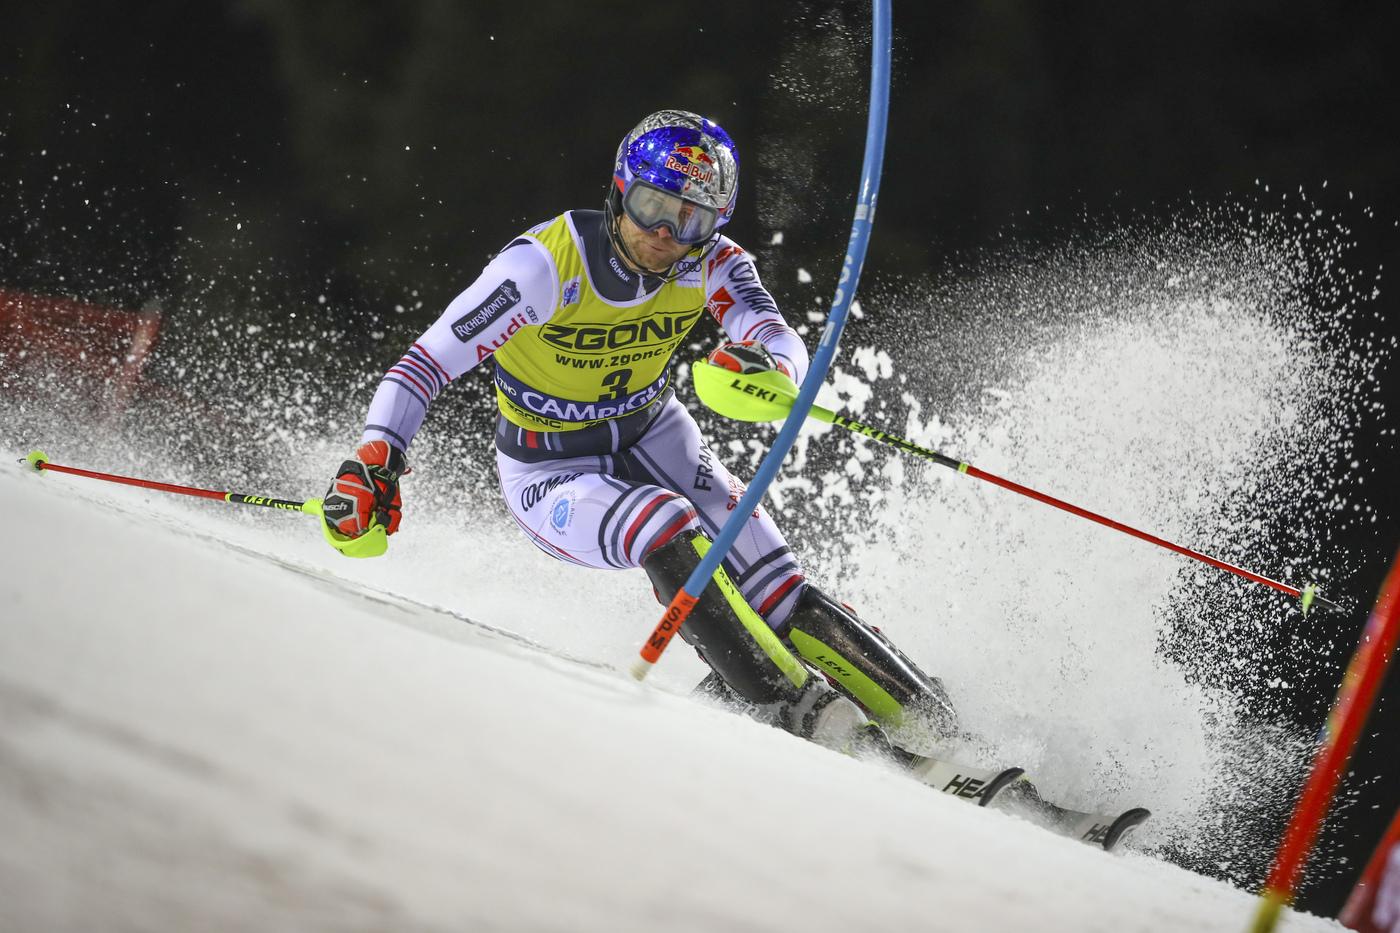 Classifica Coppa del Mondo sci alpino 2021: Marco Odermatt riapre i conti,  81 da Pinturault